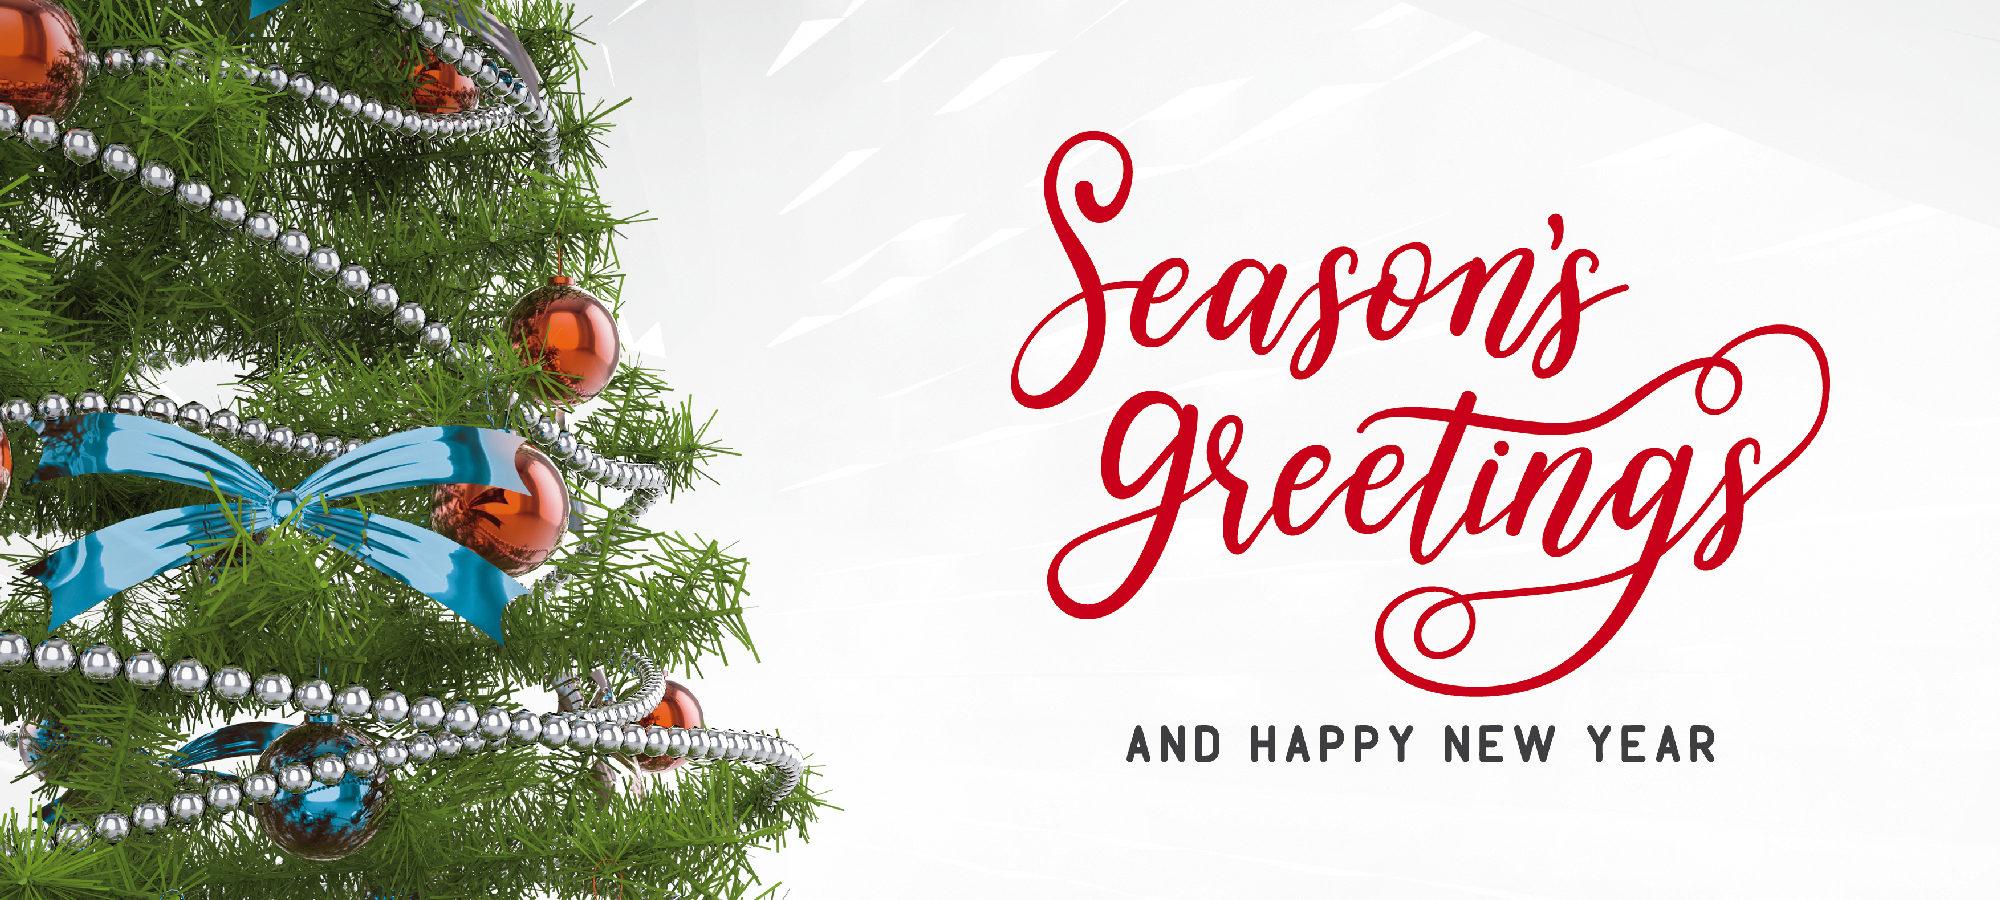 Buon Natale Anno Nuovo.Buon Natale E Felice Anno Nuovo Da Fbr Elpo Fbr Elpo